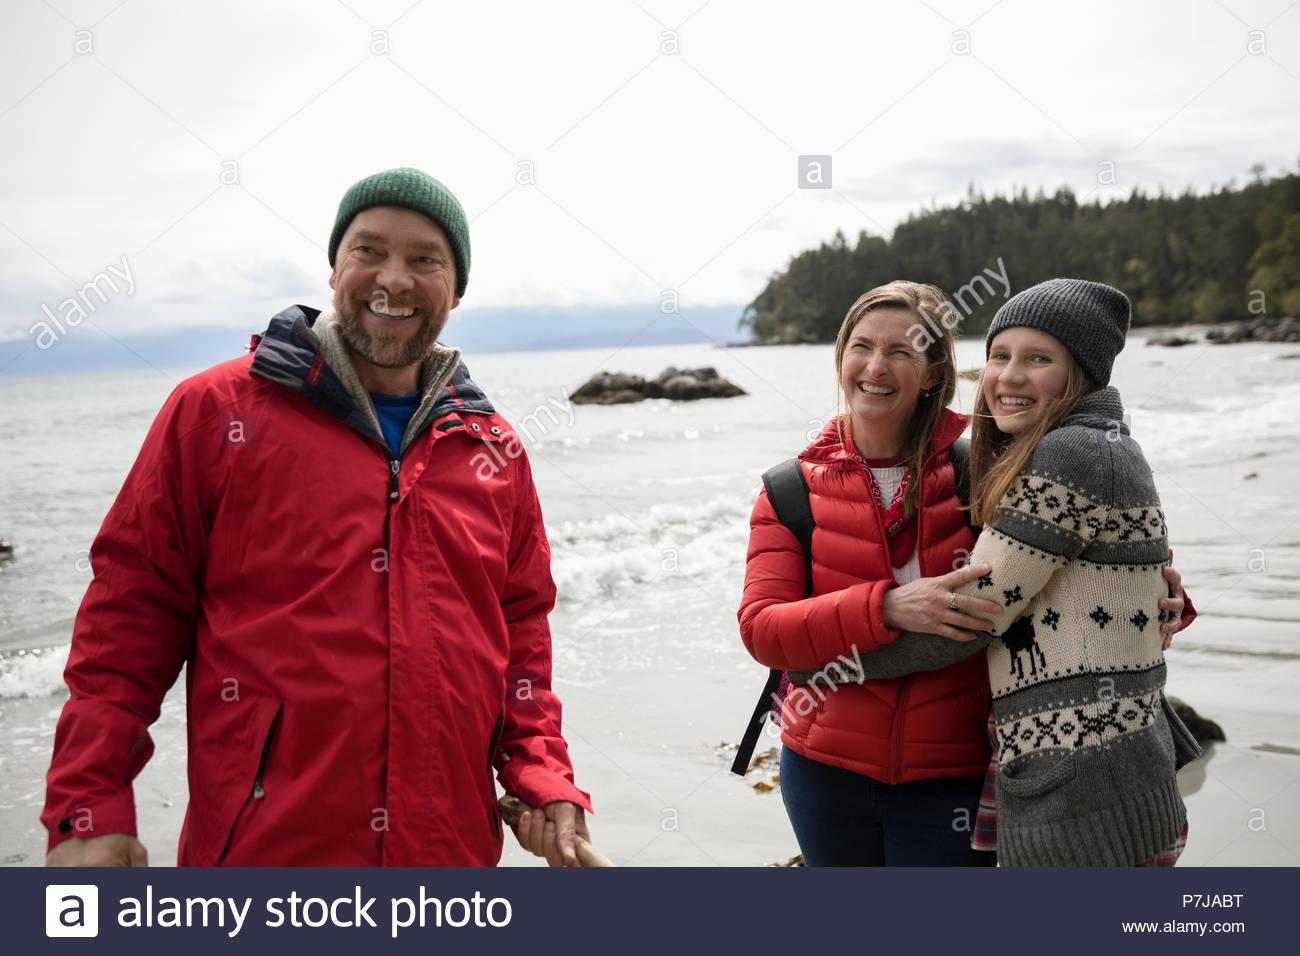 Familia feliz en la playa resistente Imagen De Stock